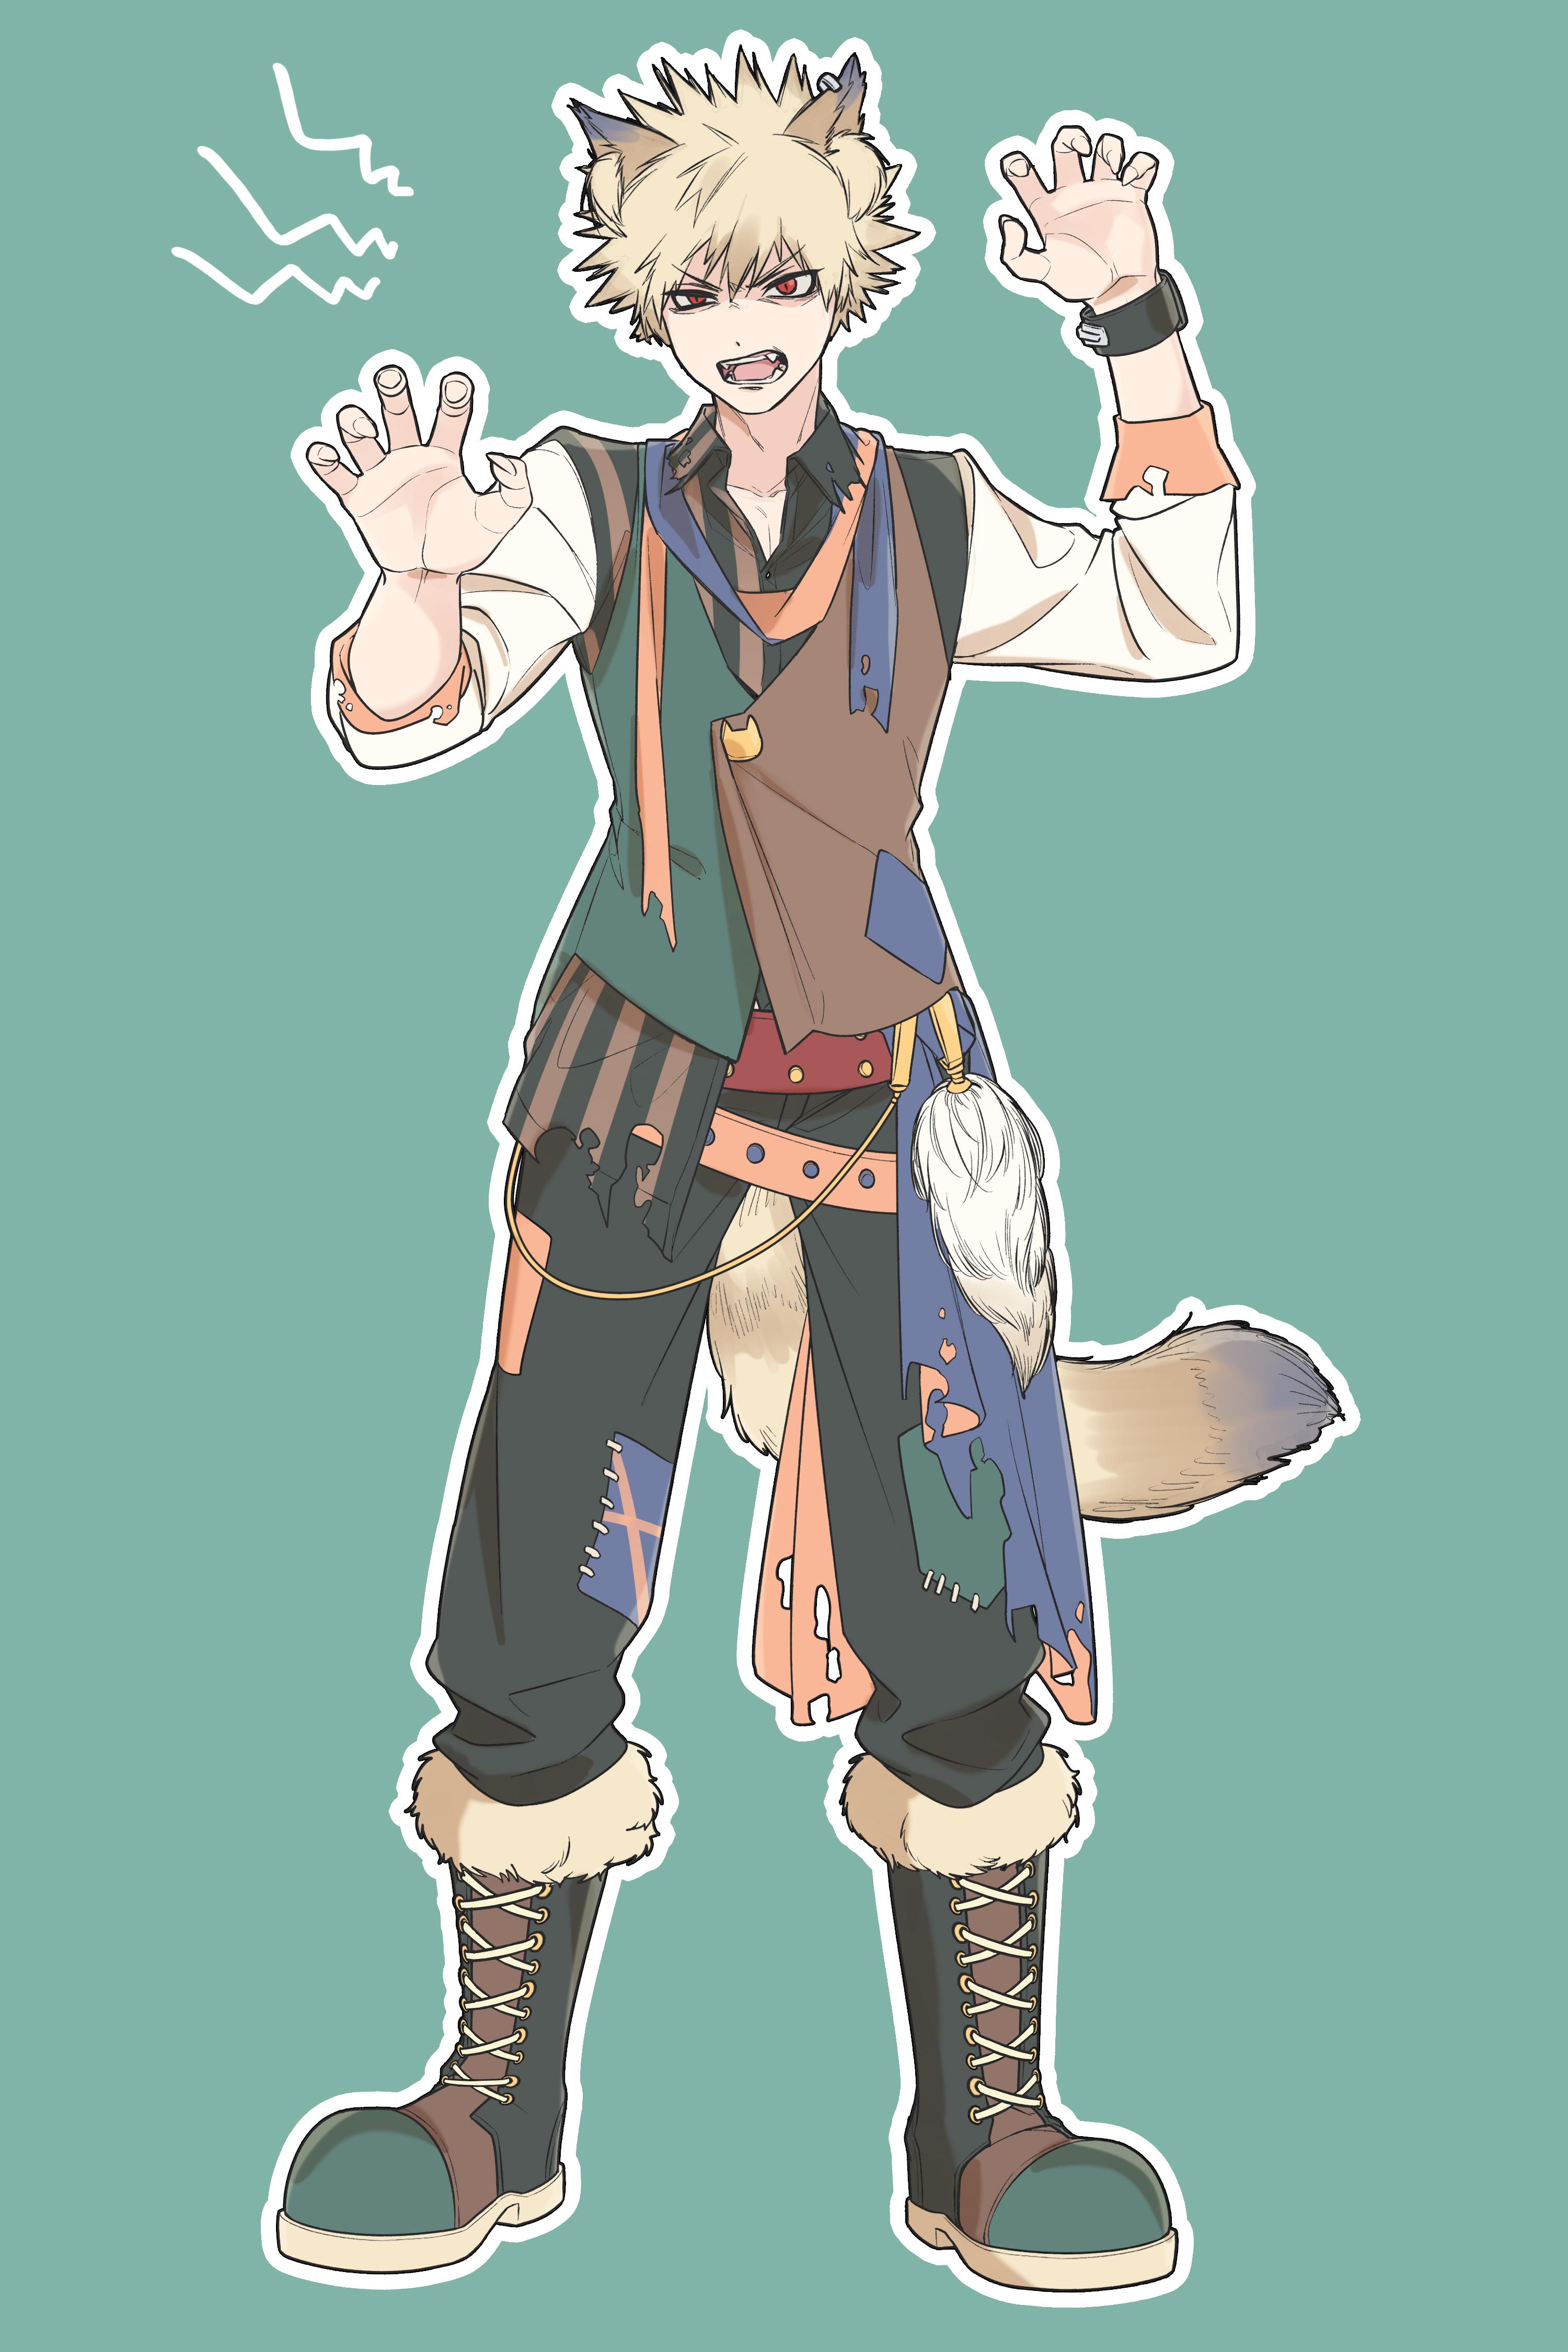 Bakugou Katsuki Boku No Hero Academia Image 2787171